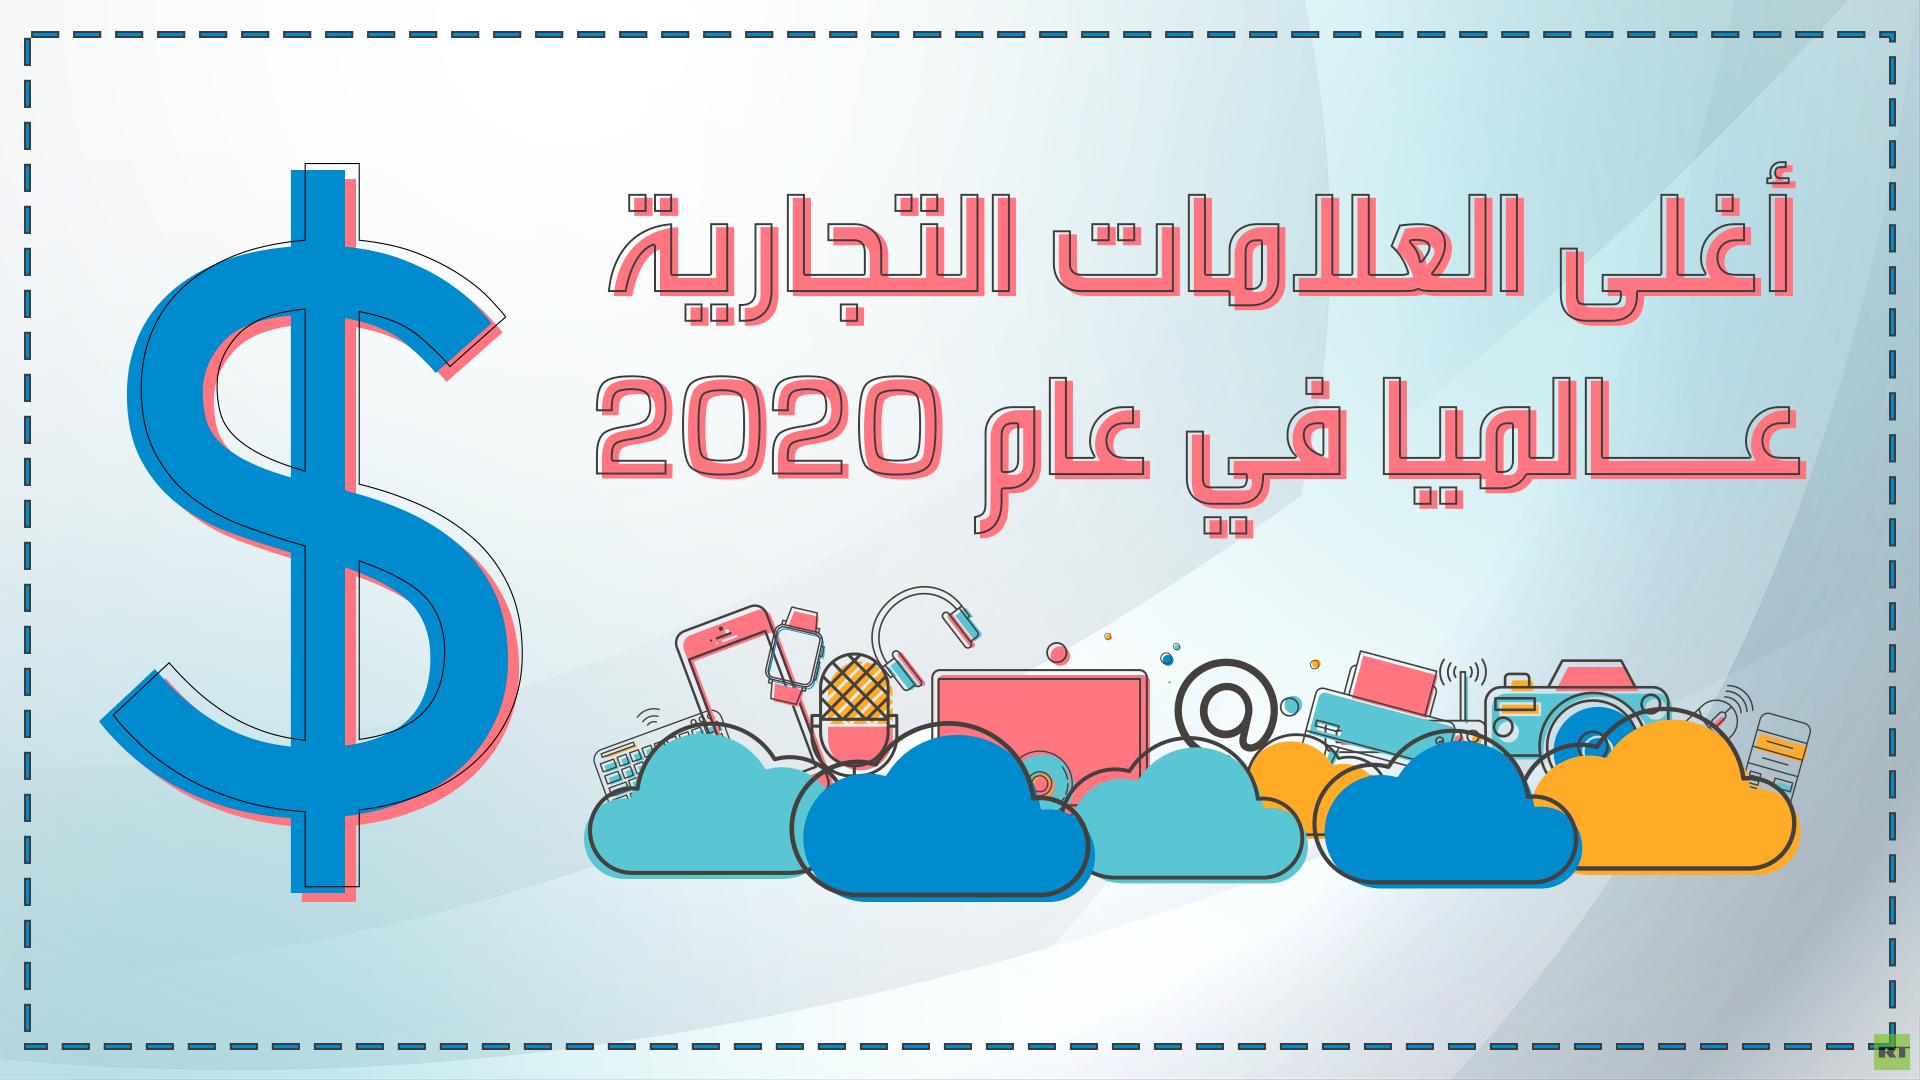 أغلى العلامات التجارية 2020